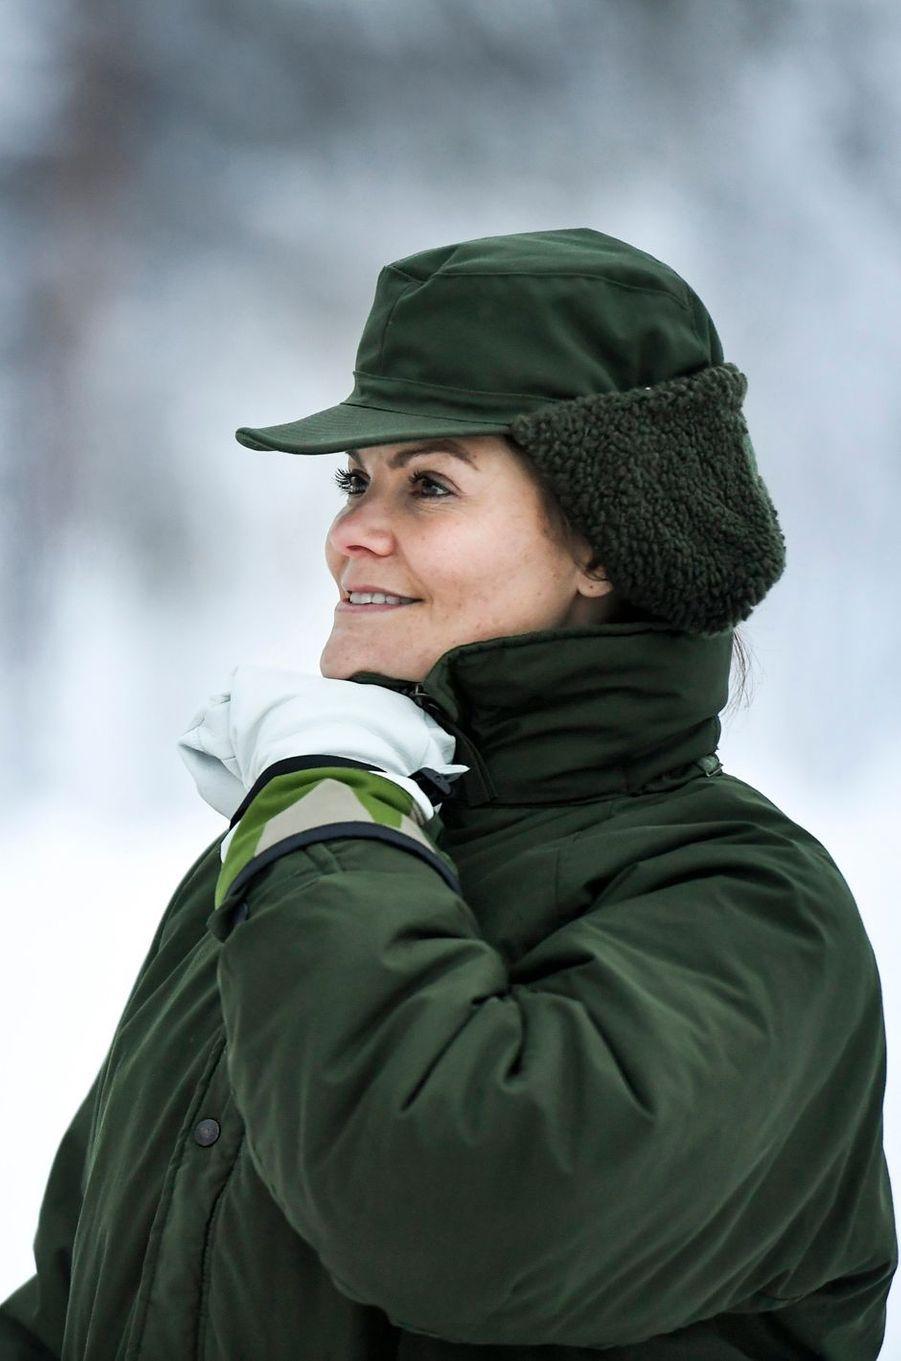 La princesse Victoria de Suède affronte des températures glaciales à Arvidsjaur, le 23 janvier 2019